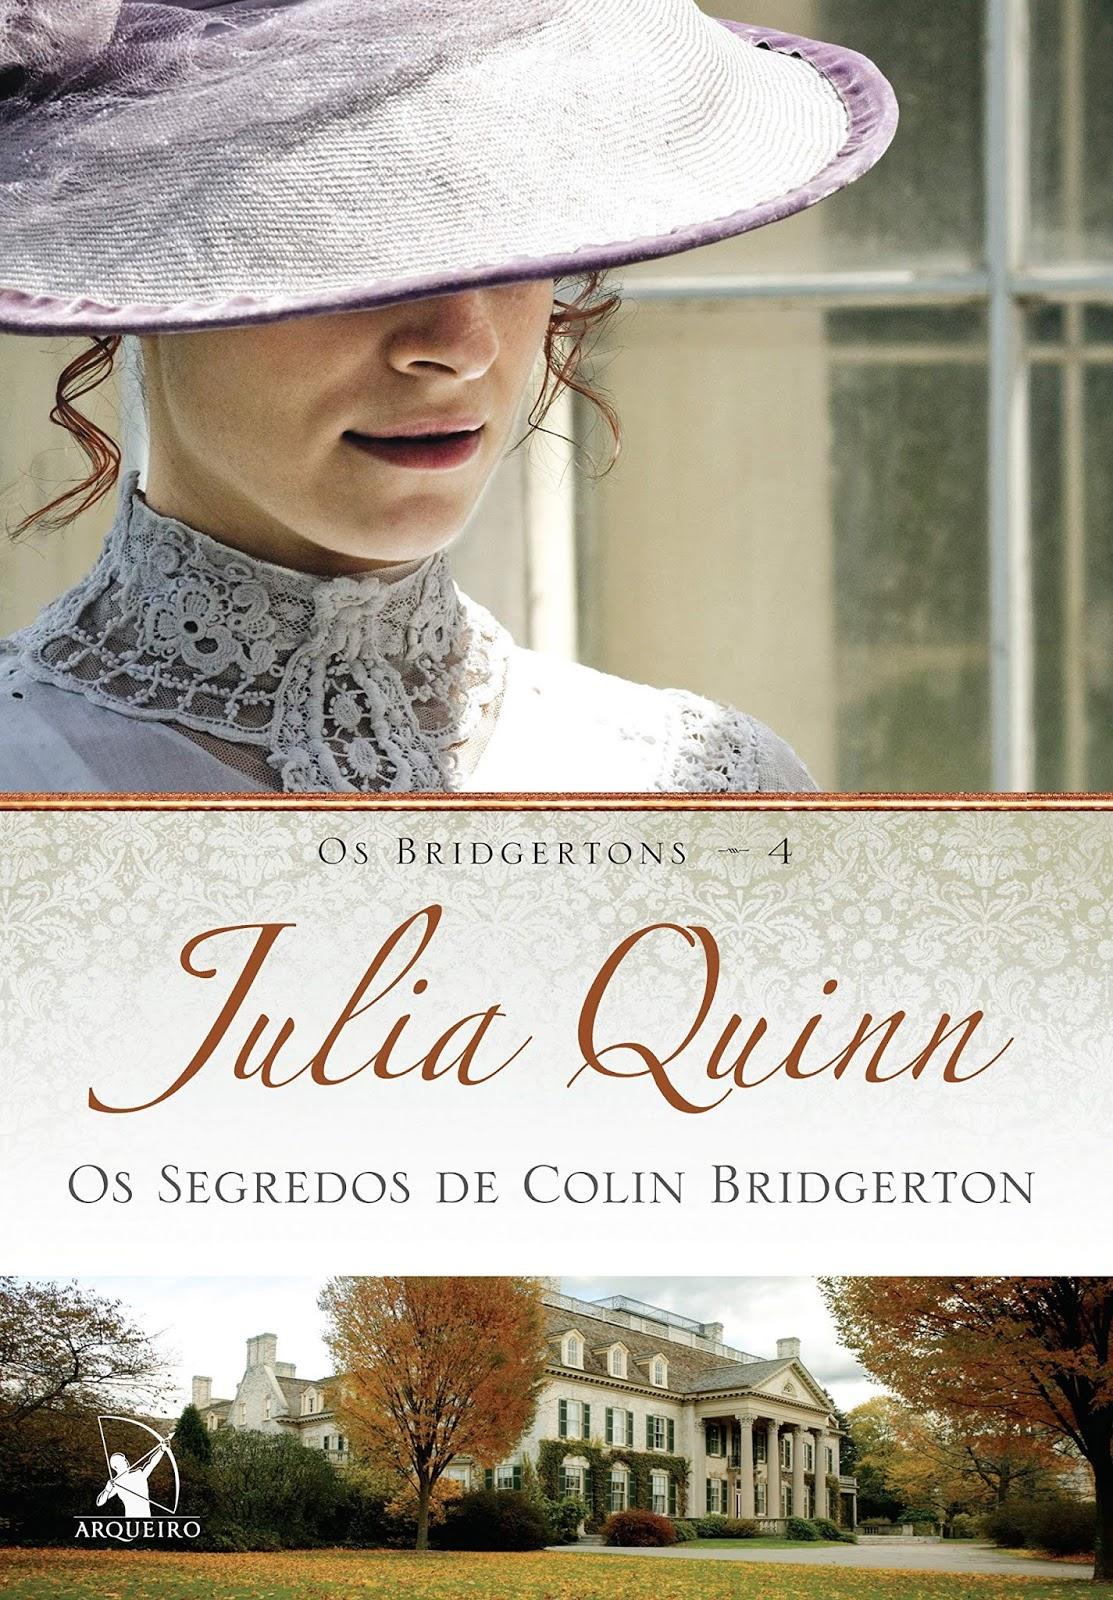 ( Resenha ) Os Segredos de Colin Bridgerton - Livro 4 da